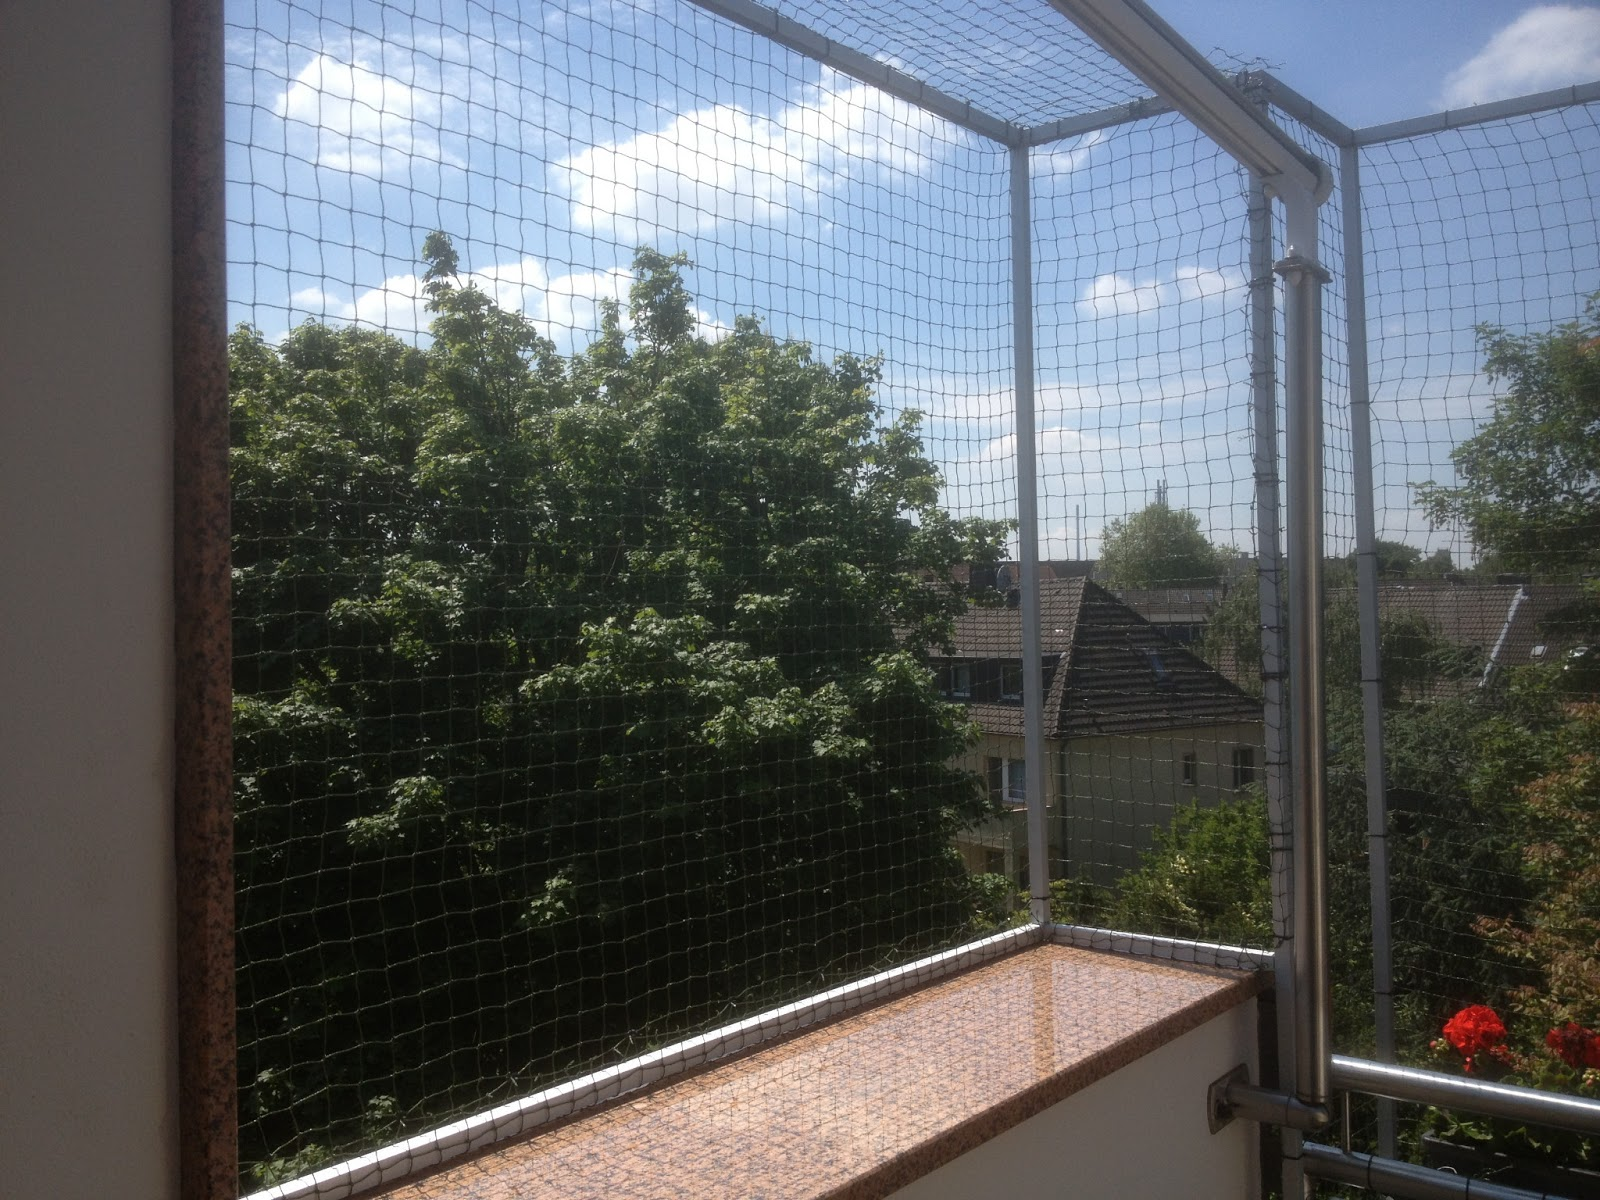 katzennetz nrw die adresse f r ein katzennetz katzennetz dachterrasse in duisburg katzennetz. Black Bedroom Furniture Sets. Home Design Ideas